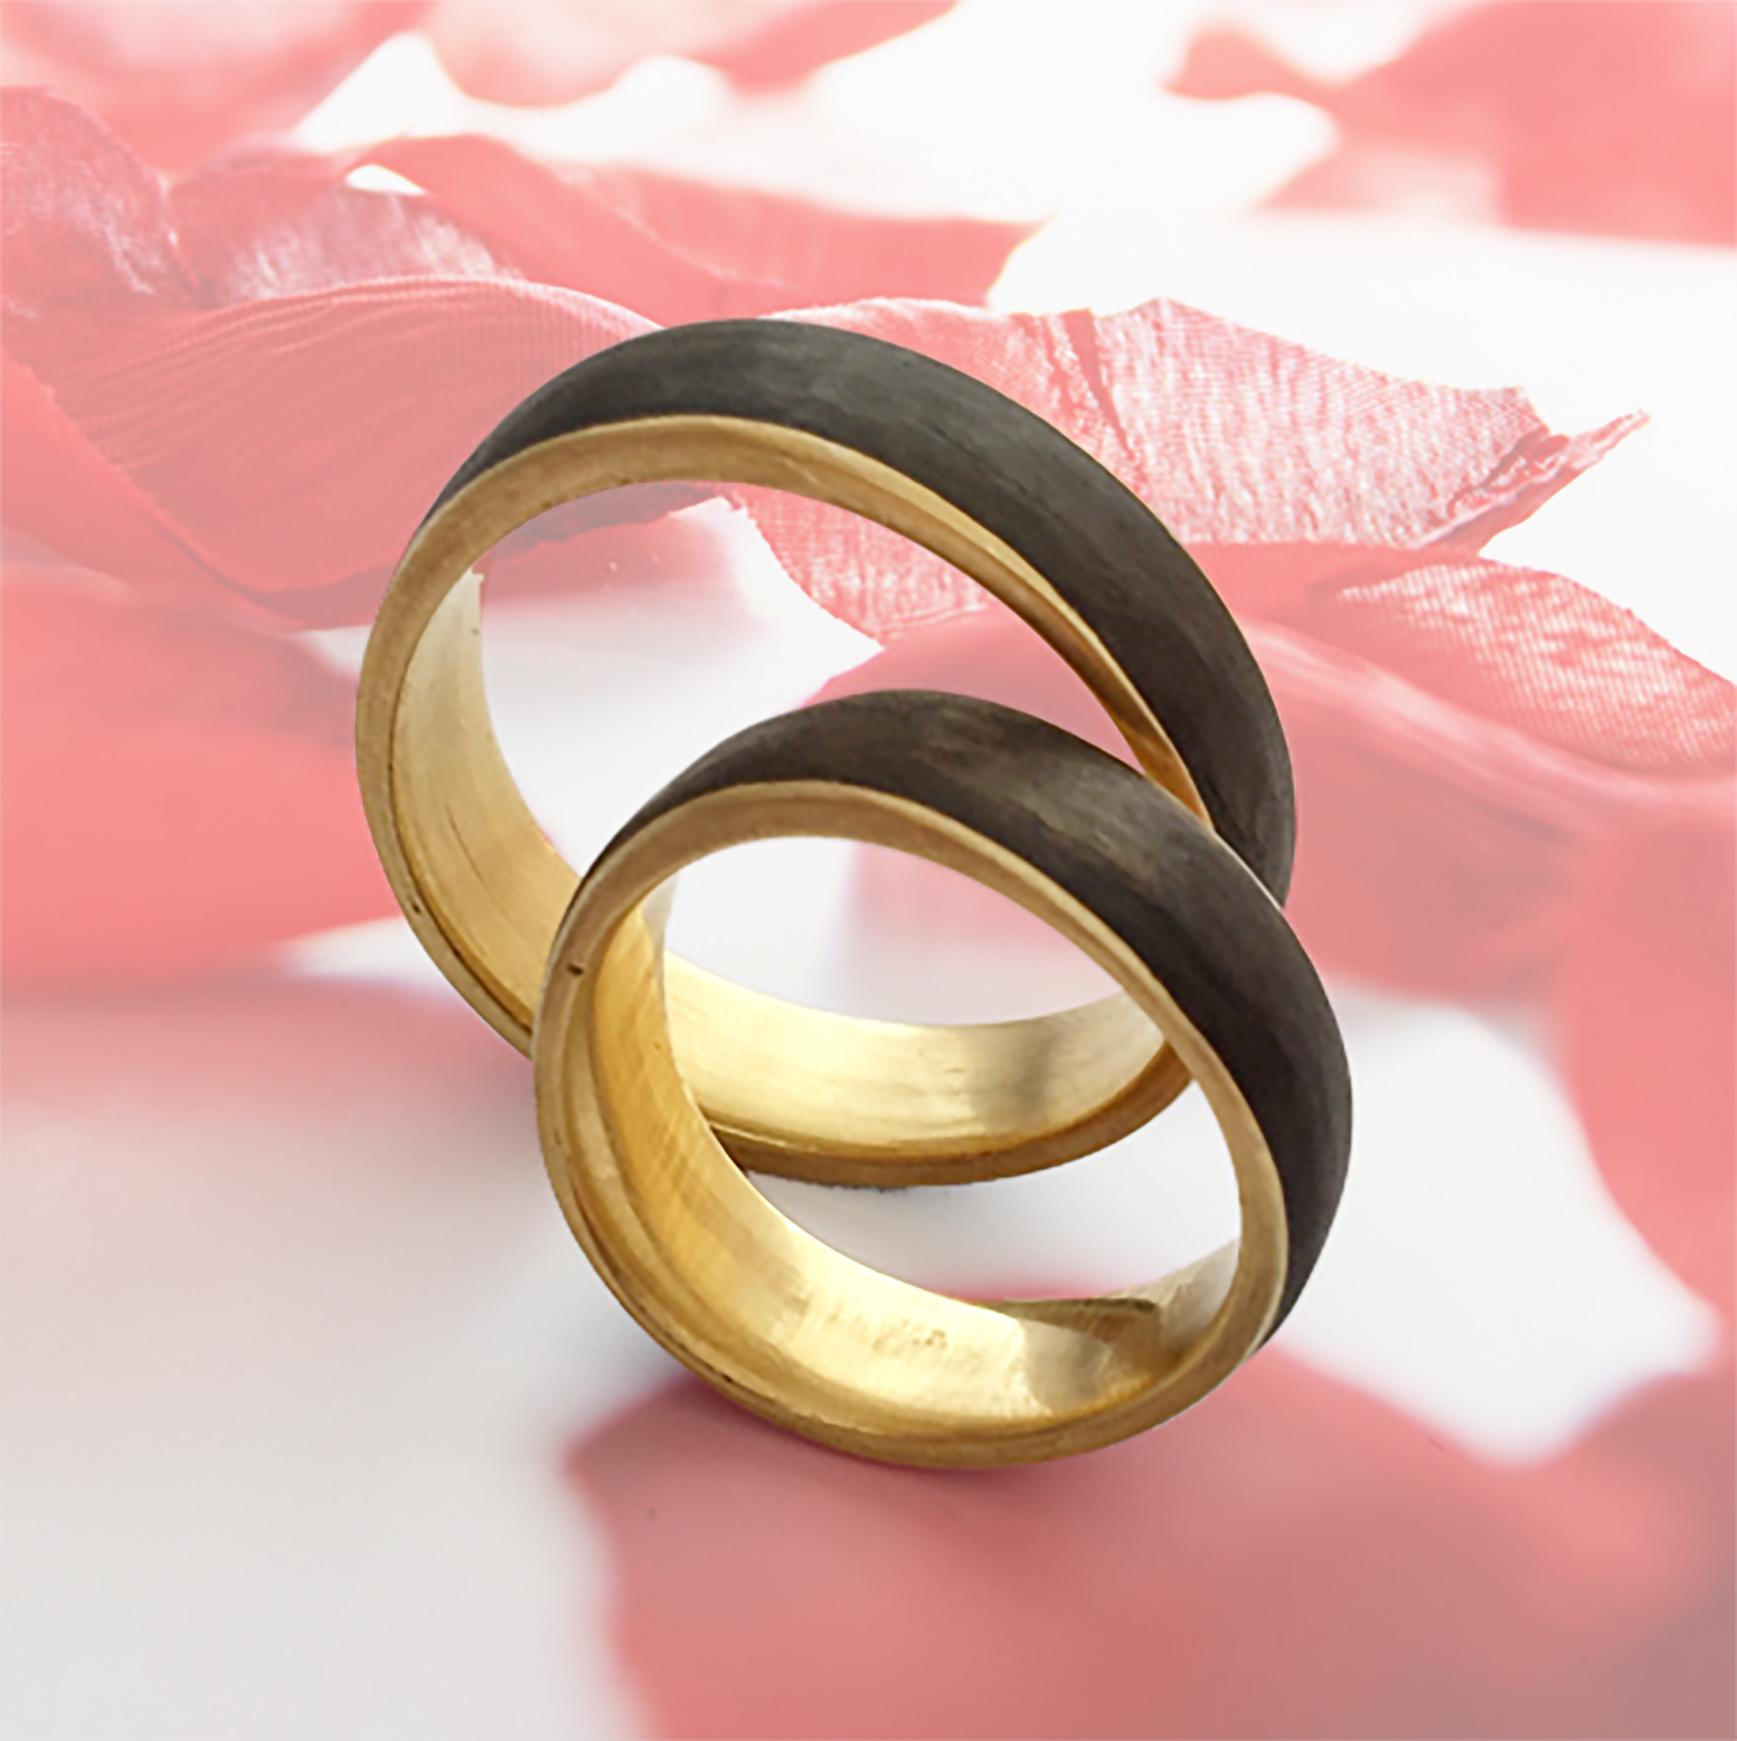 BioWeddingRing - Marriage Harmony - swissharmony.co.uk